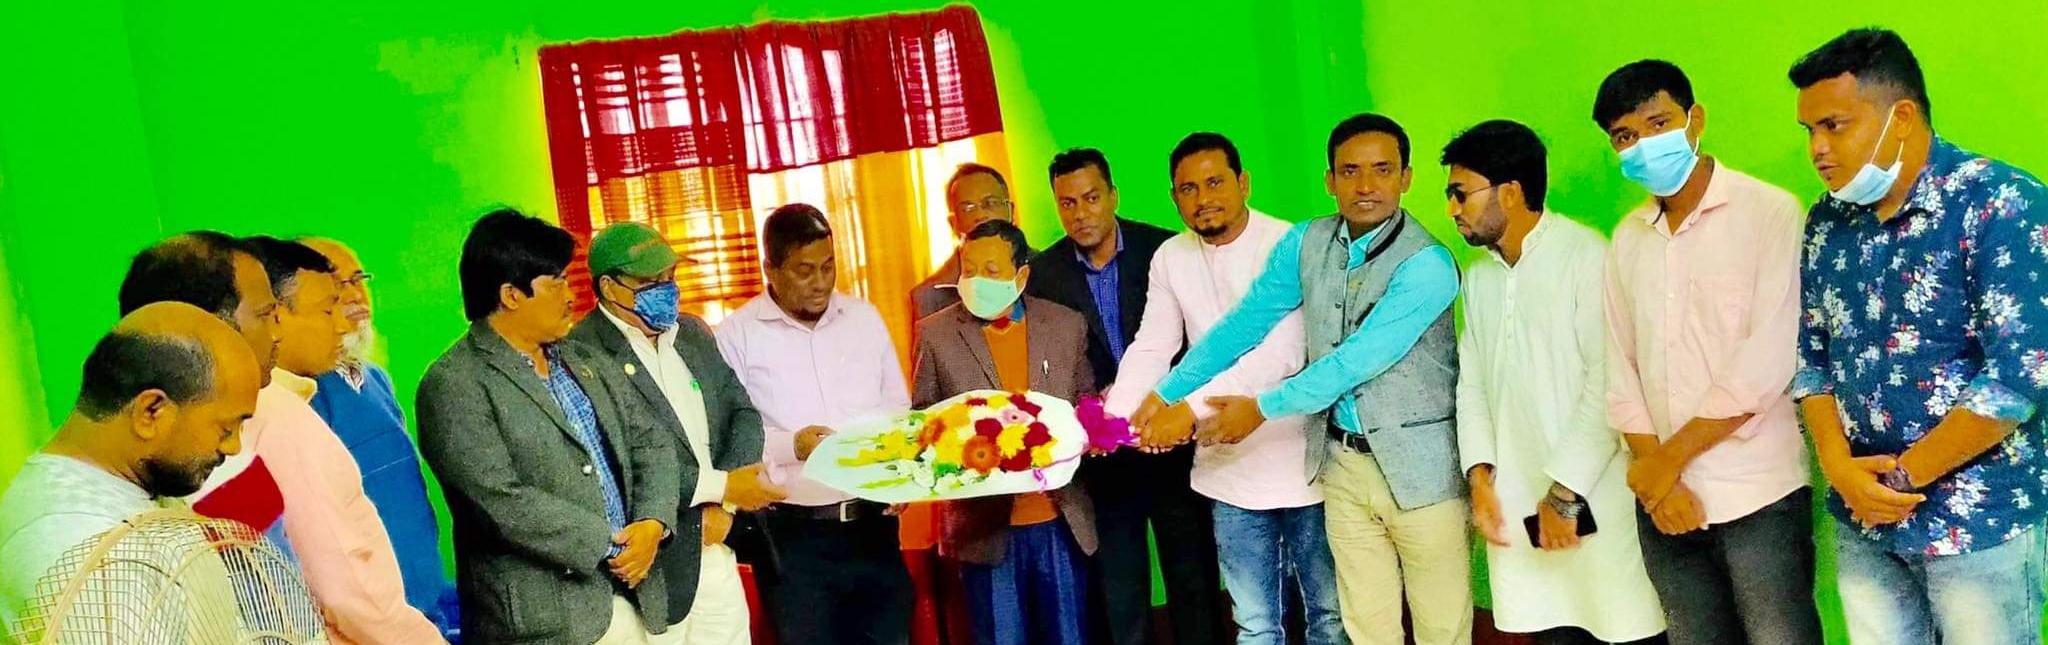 ব্রাহ্মণবাড়িয়া টিভি সাংবাদিকদের সাথে আখাউড়া টিভি সাংবাদিকদের মত বিনিময়